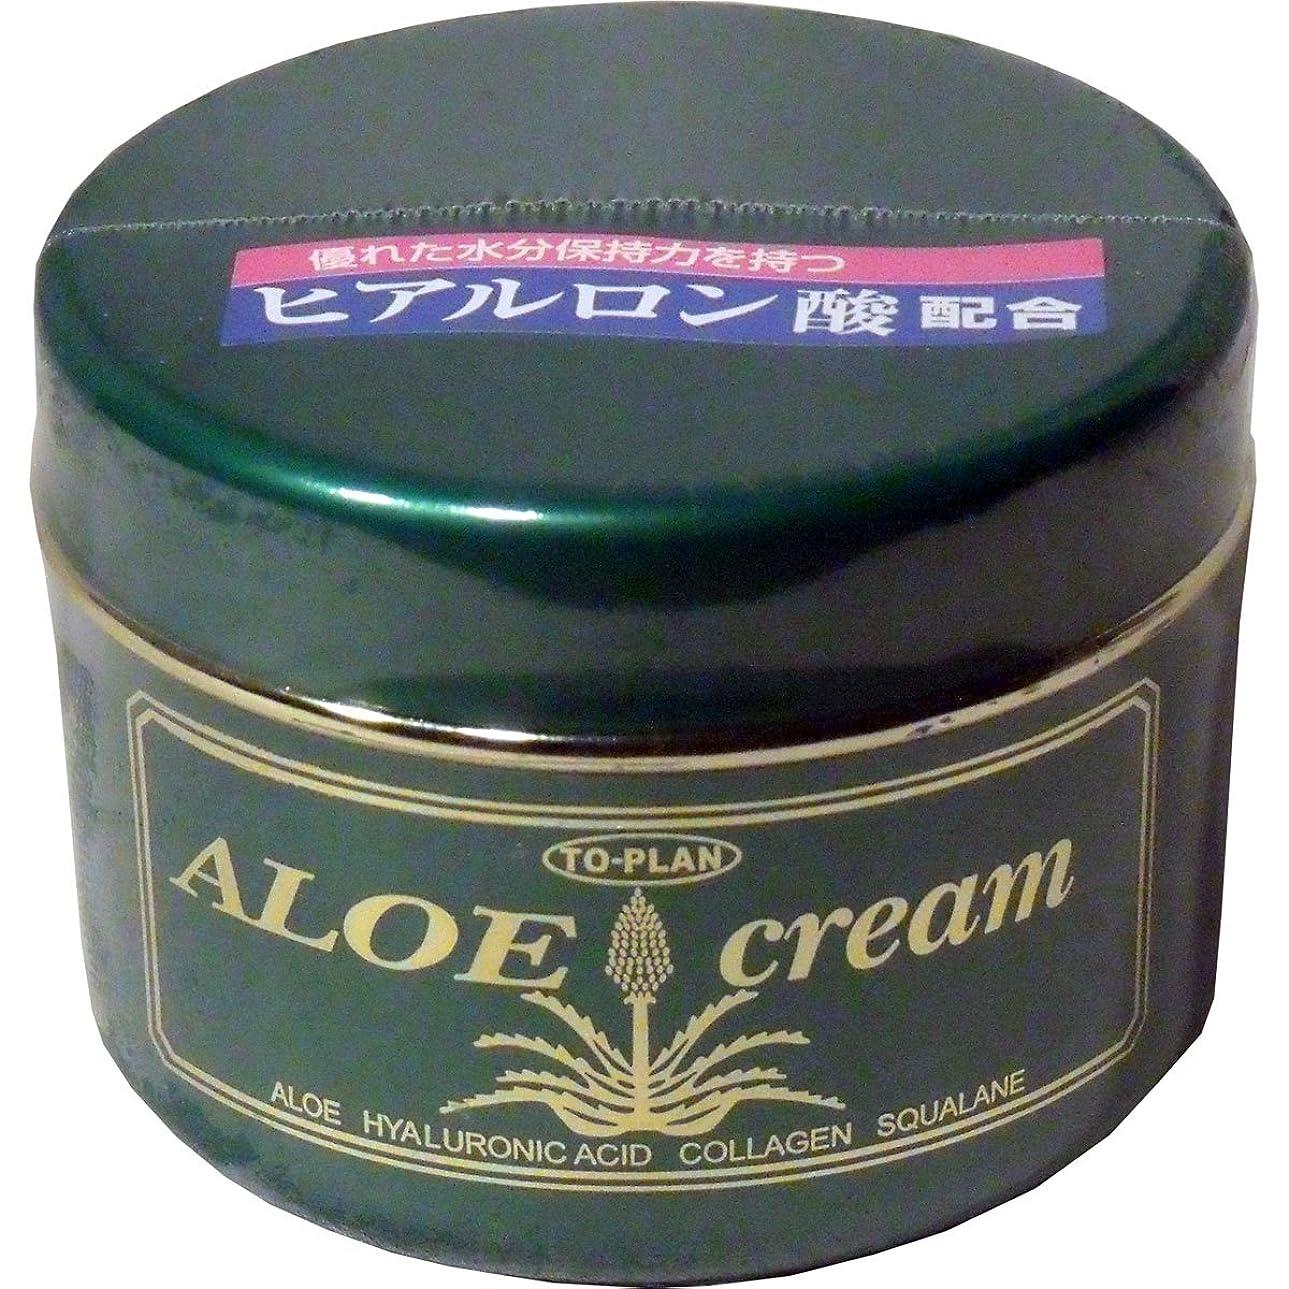 受取人いう正気トプラン ハーブフレッシュクリーム(アロエクリーム) ヒアルロン酸 170g ×5個セット